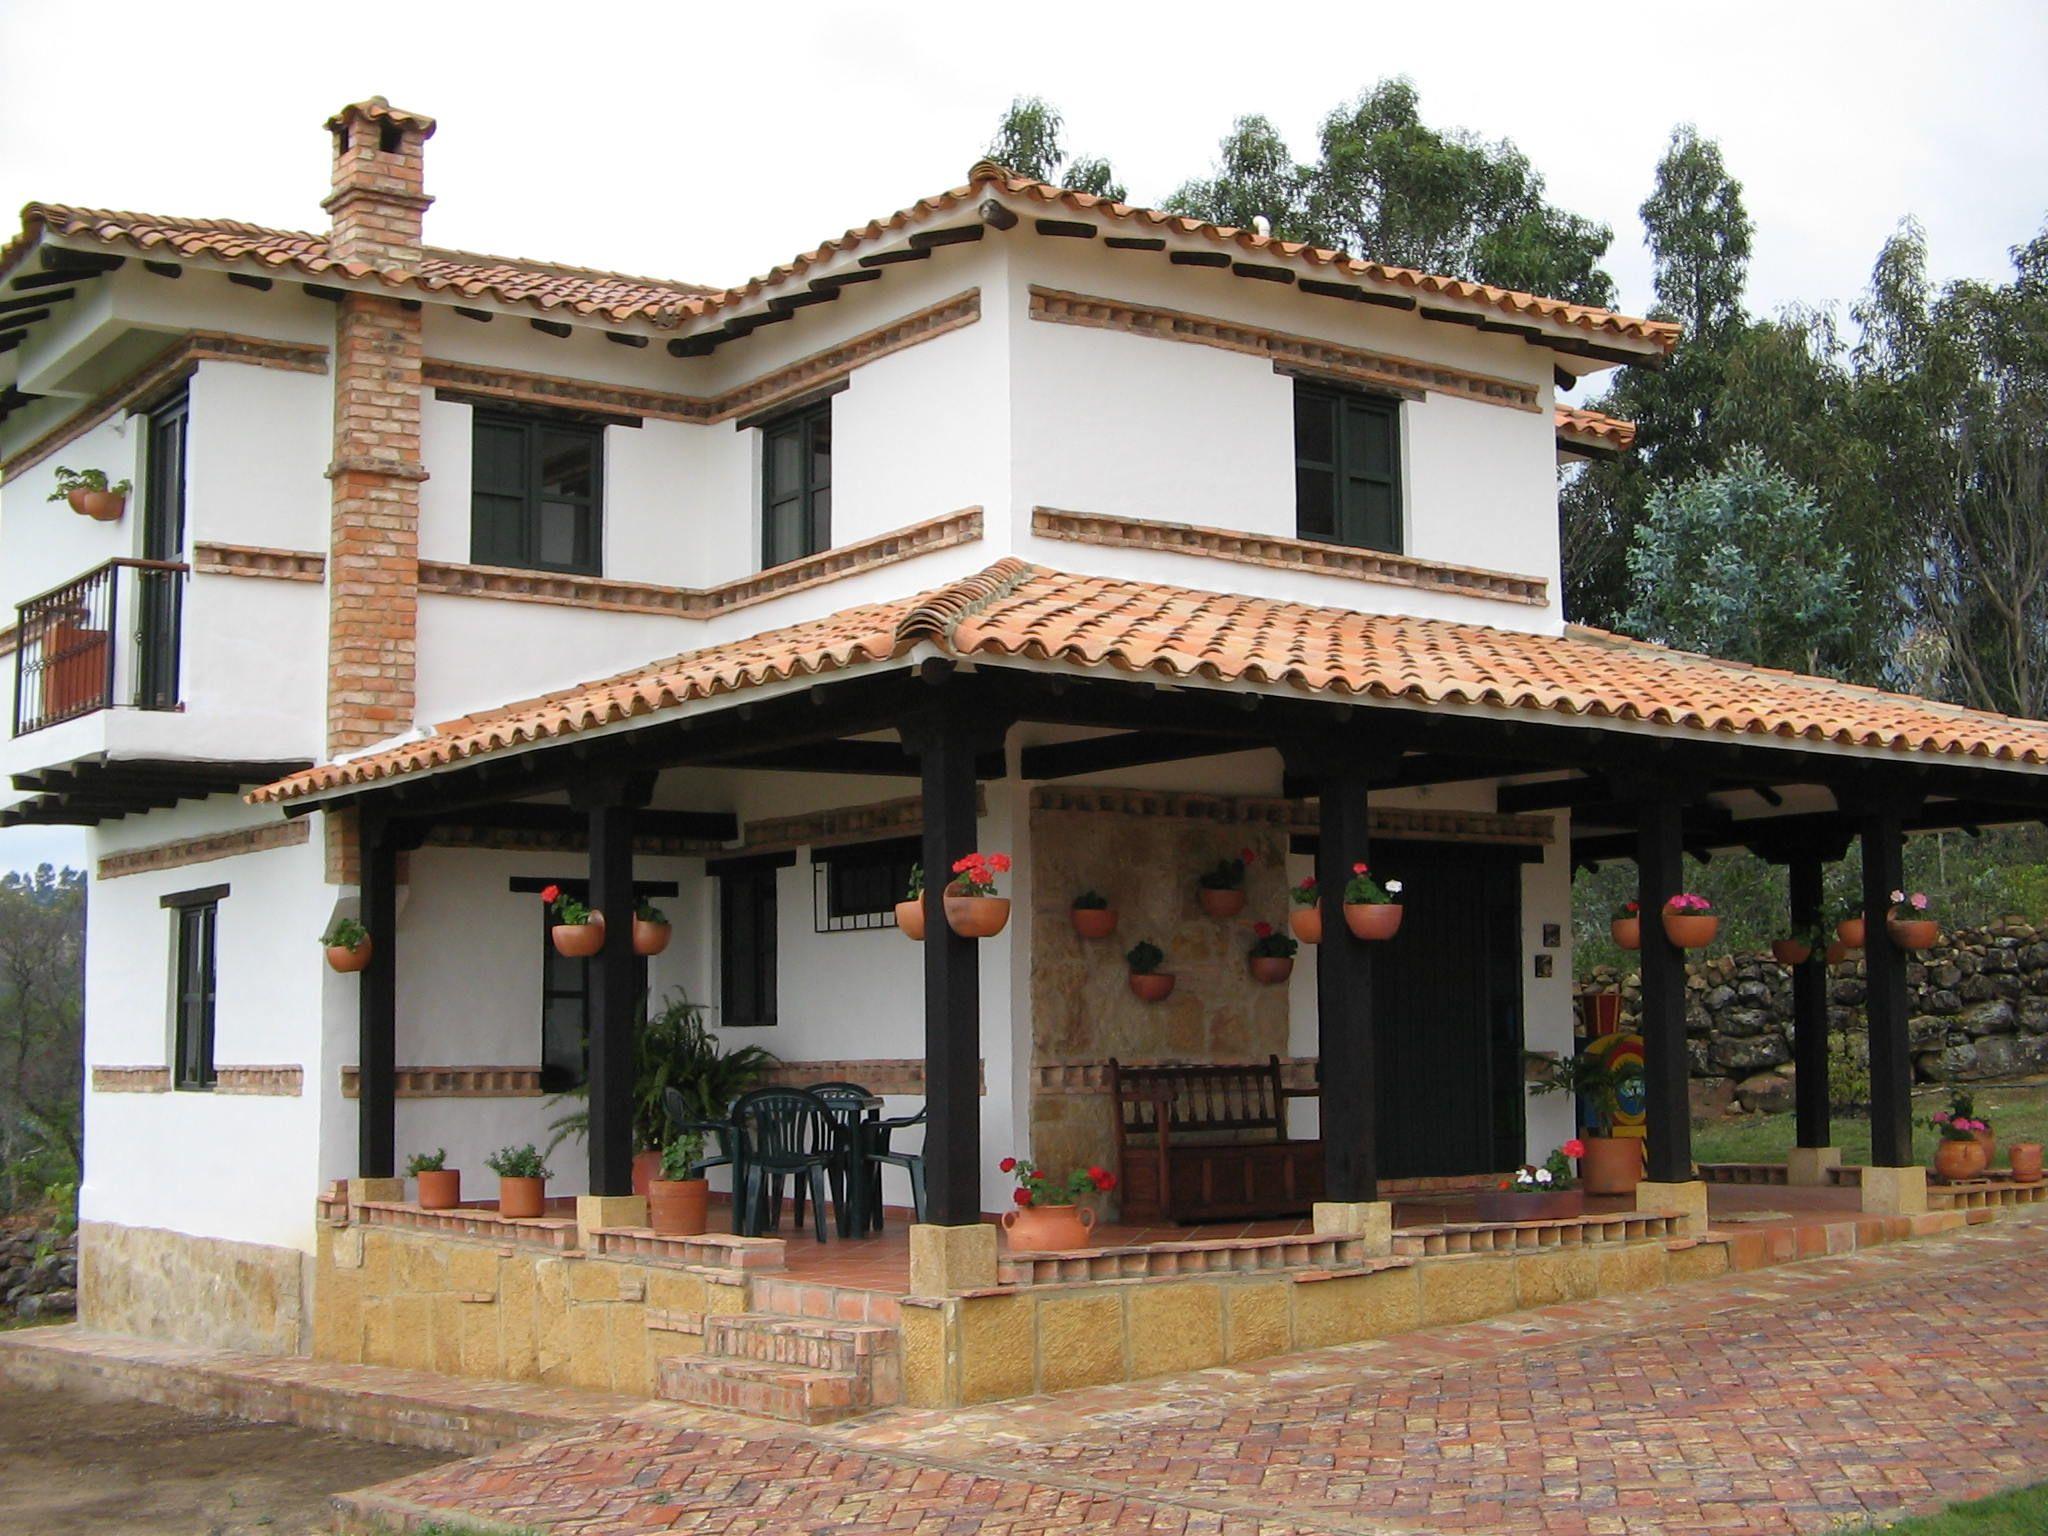 Modelos de casas llaneras buscar con google agro 2015 for Modelos de casas con terrazas modernas